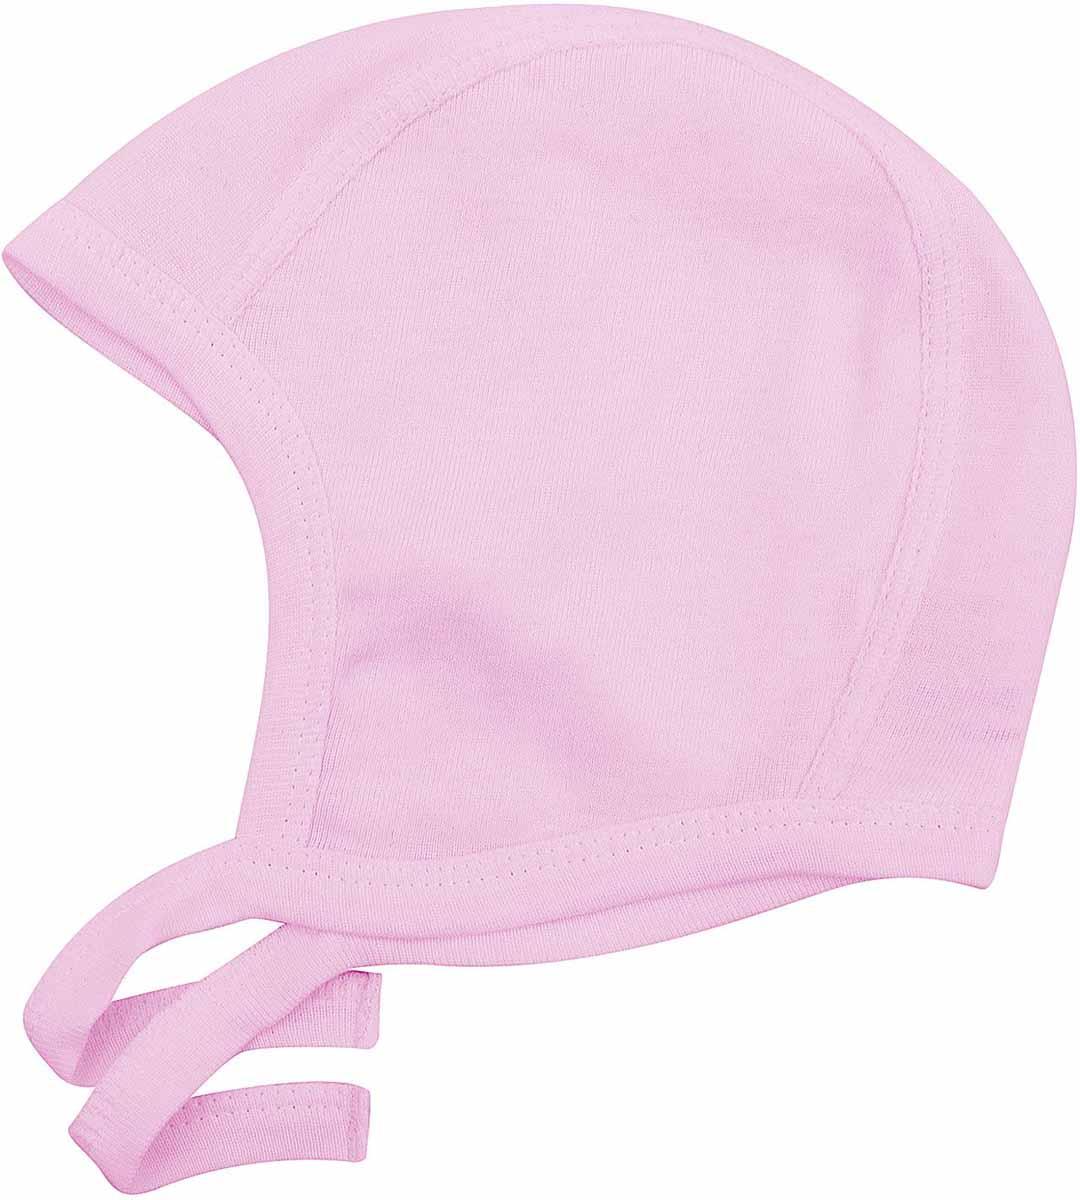 Чепчик для девочек Axiome De Mode, цвет: розовый. 16-8002. Размер 4516-8002